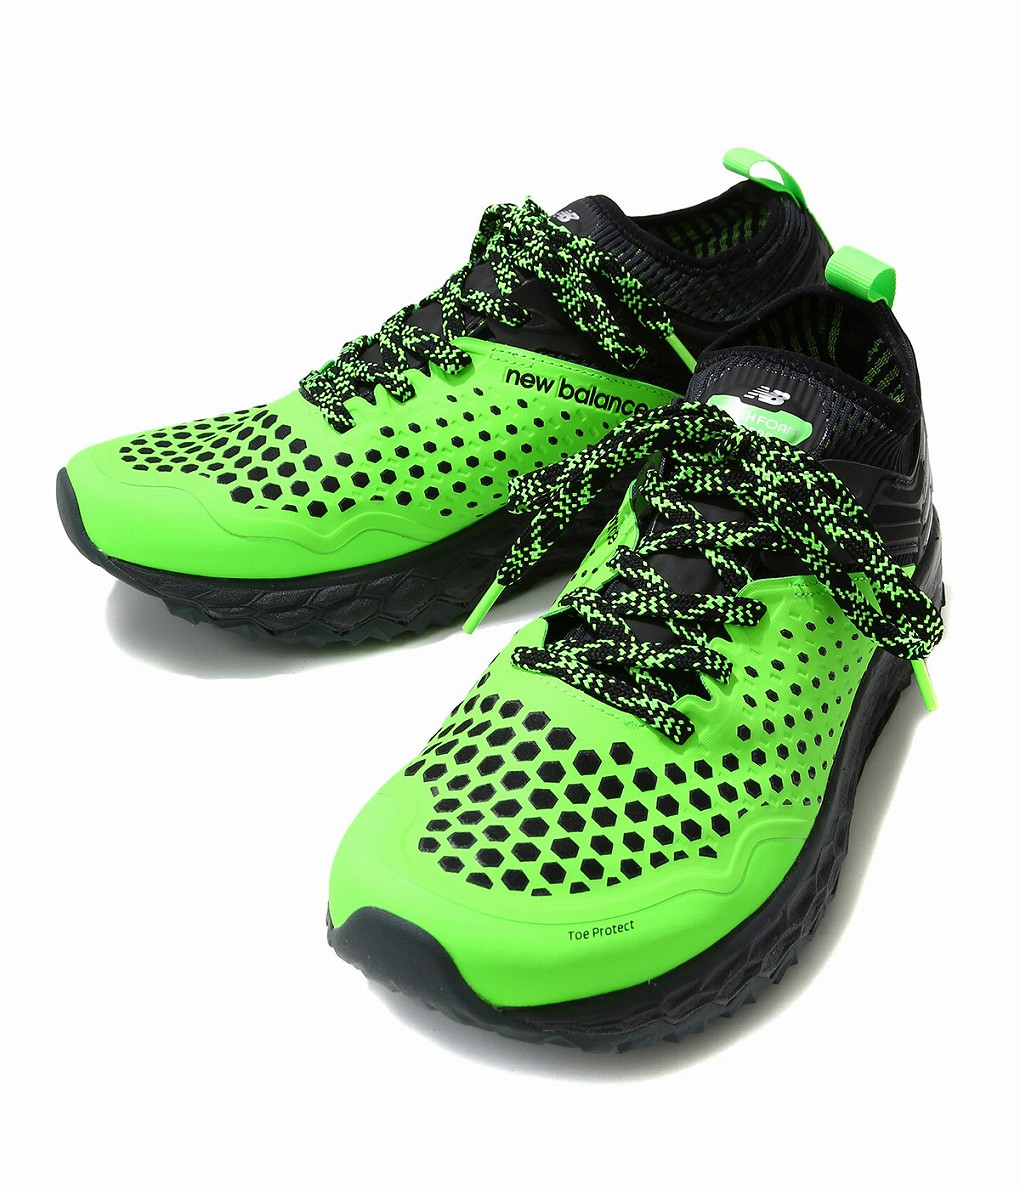 New Balance / ニューバランス : MTHIER D R4 : ニューバランス スニーカー 靴 : MTHIER-D-R4【NOA】